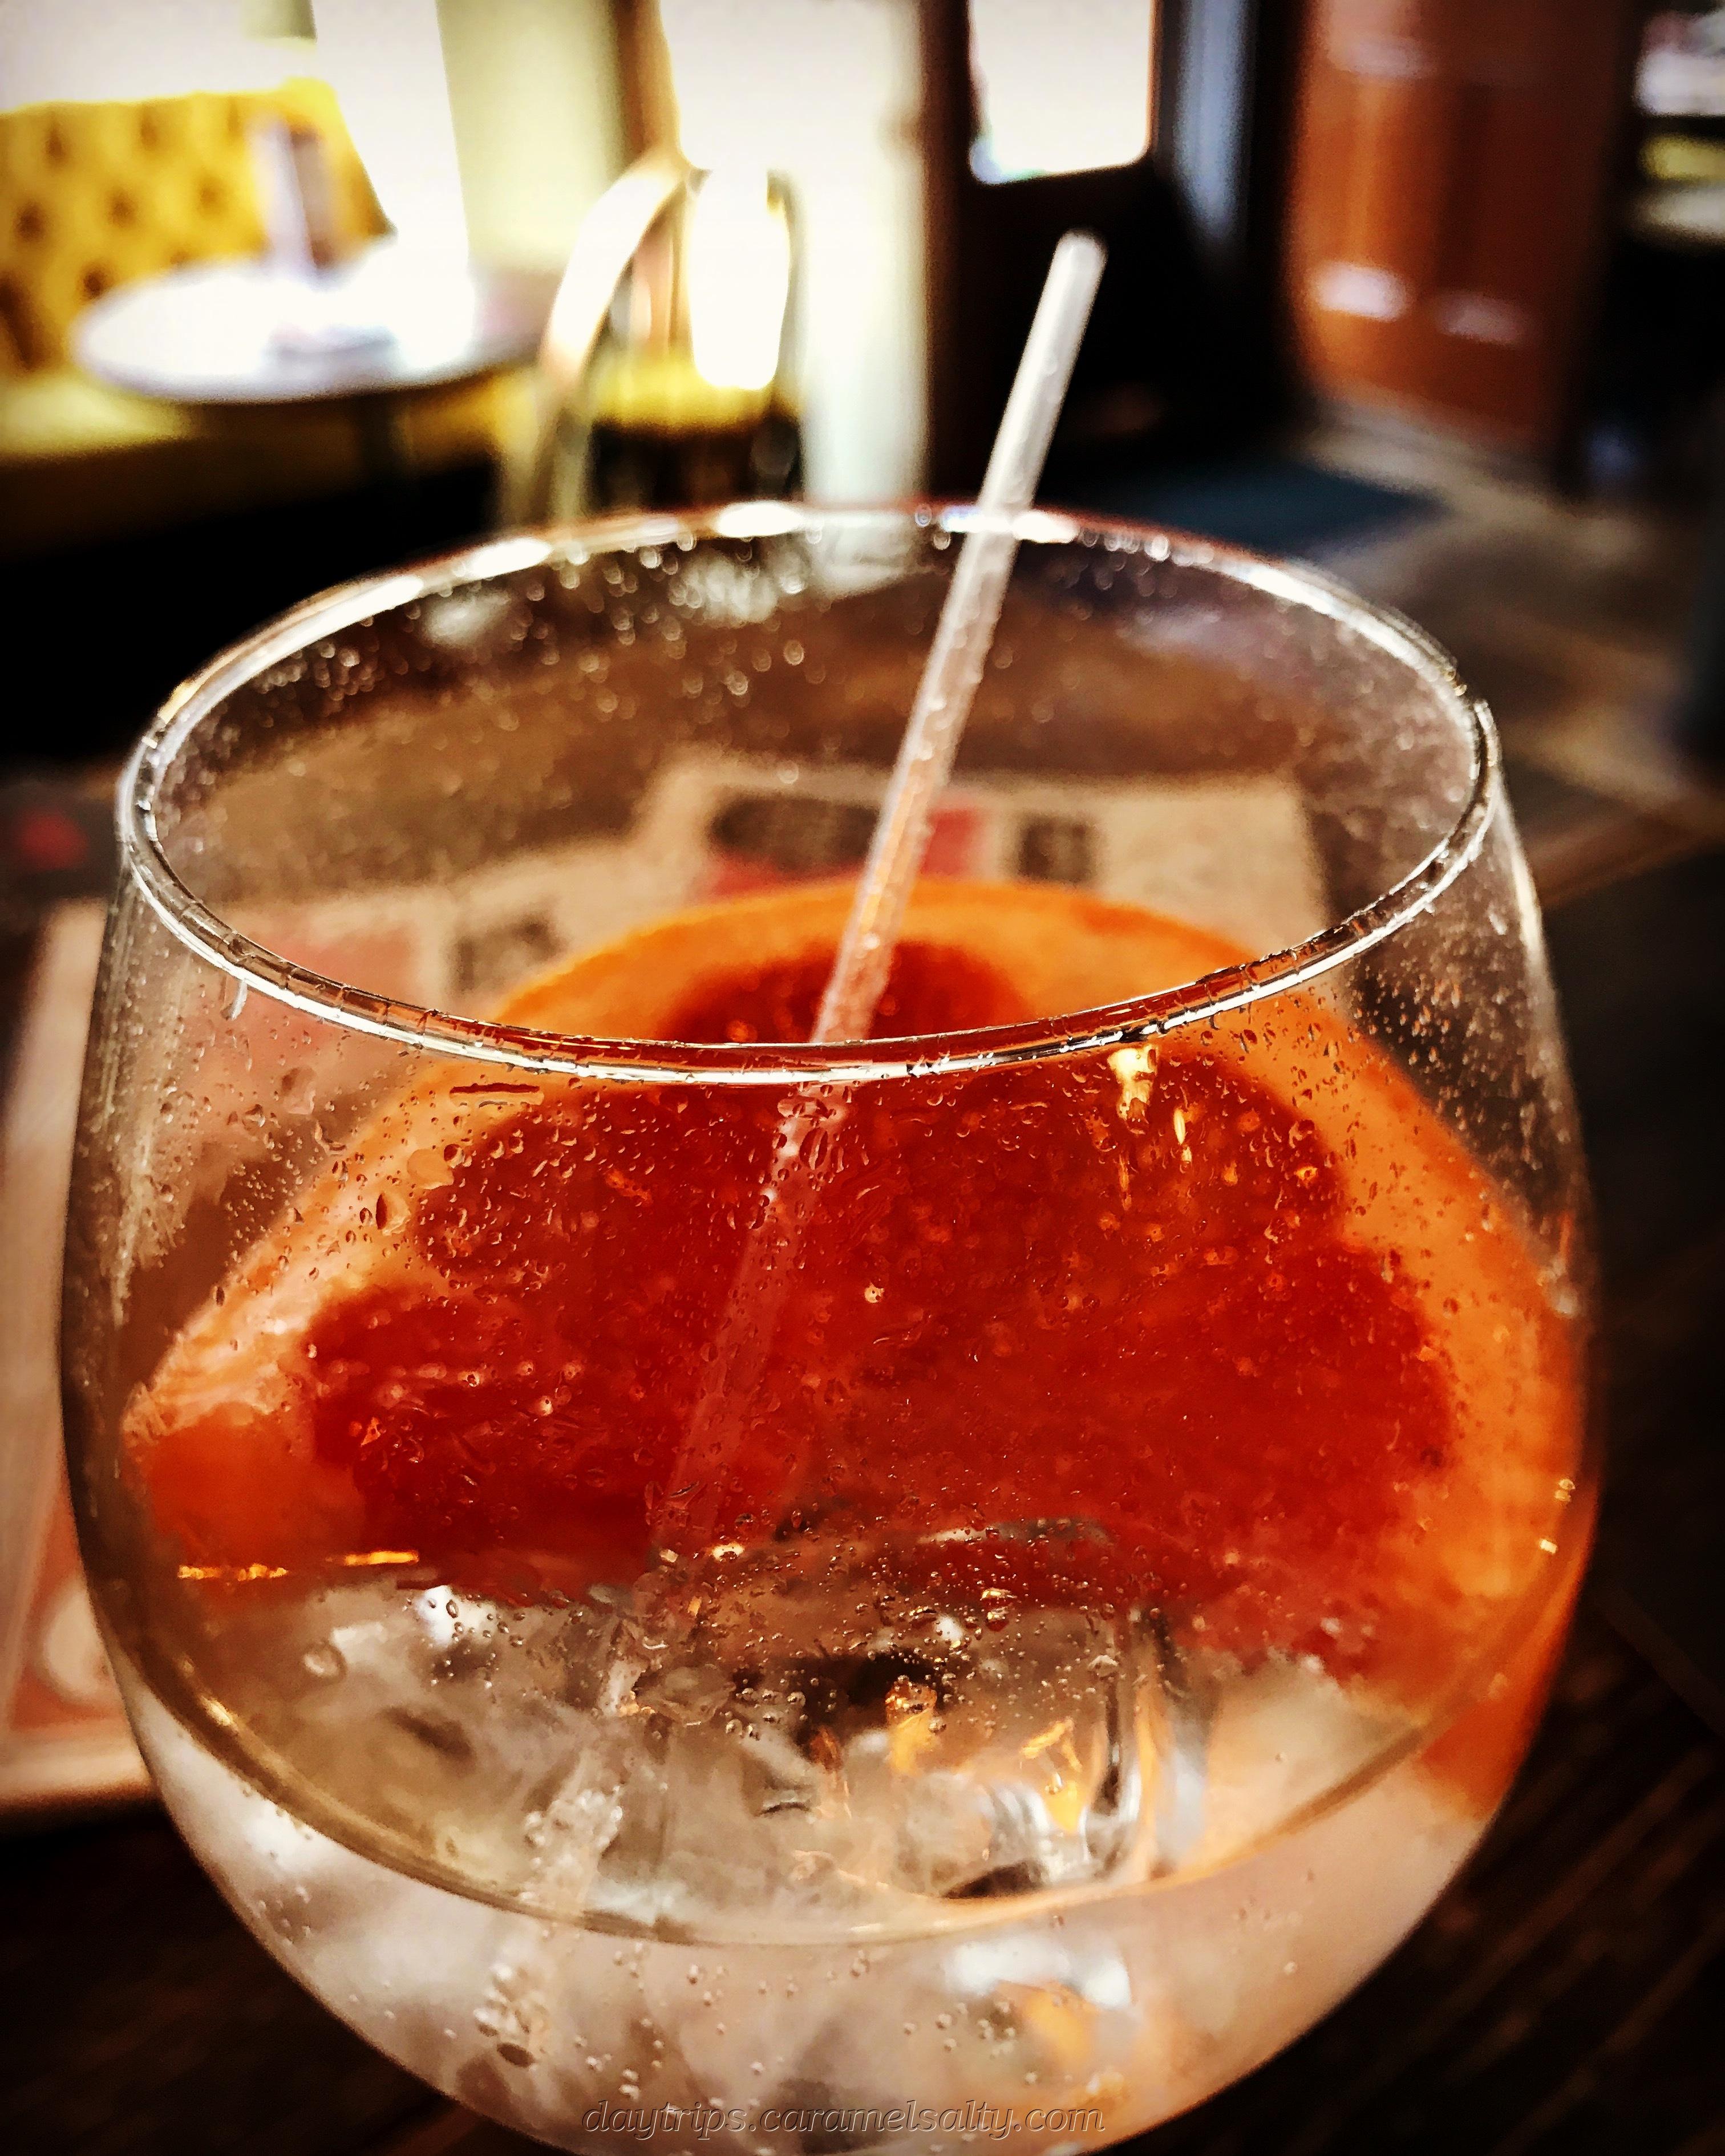 ginpalace